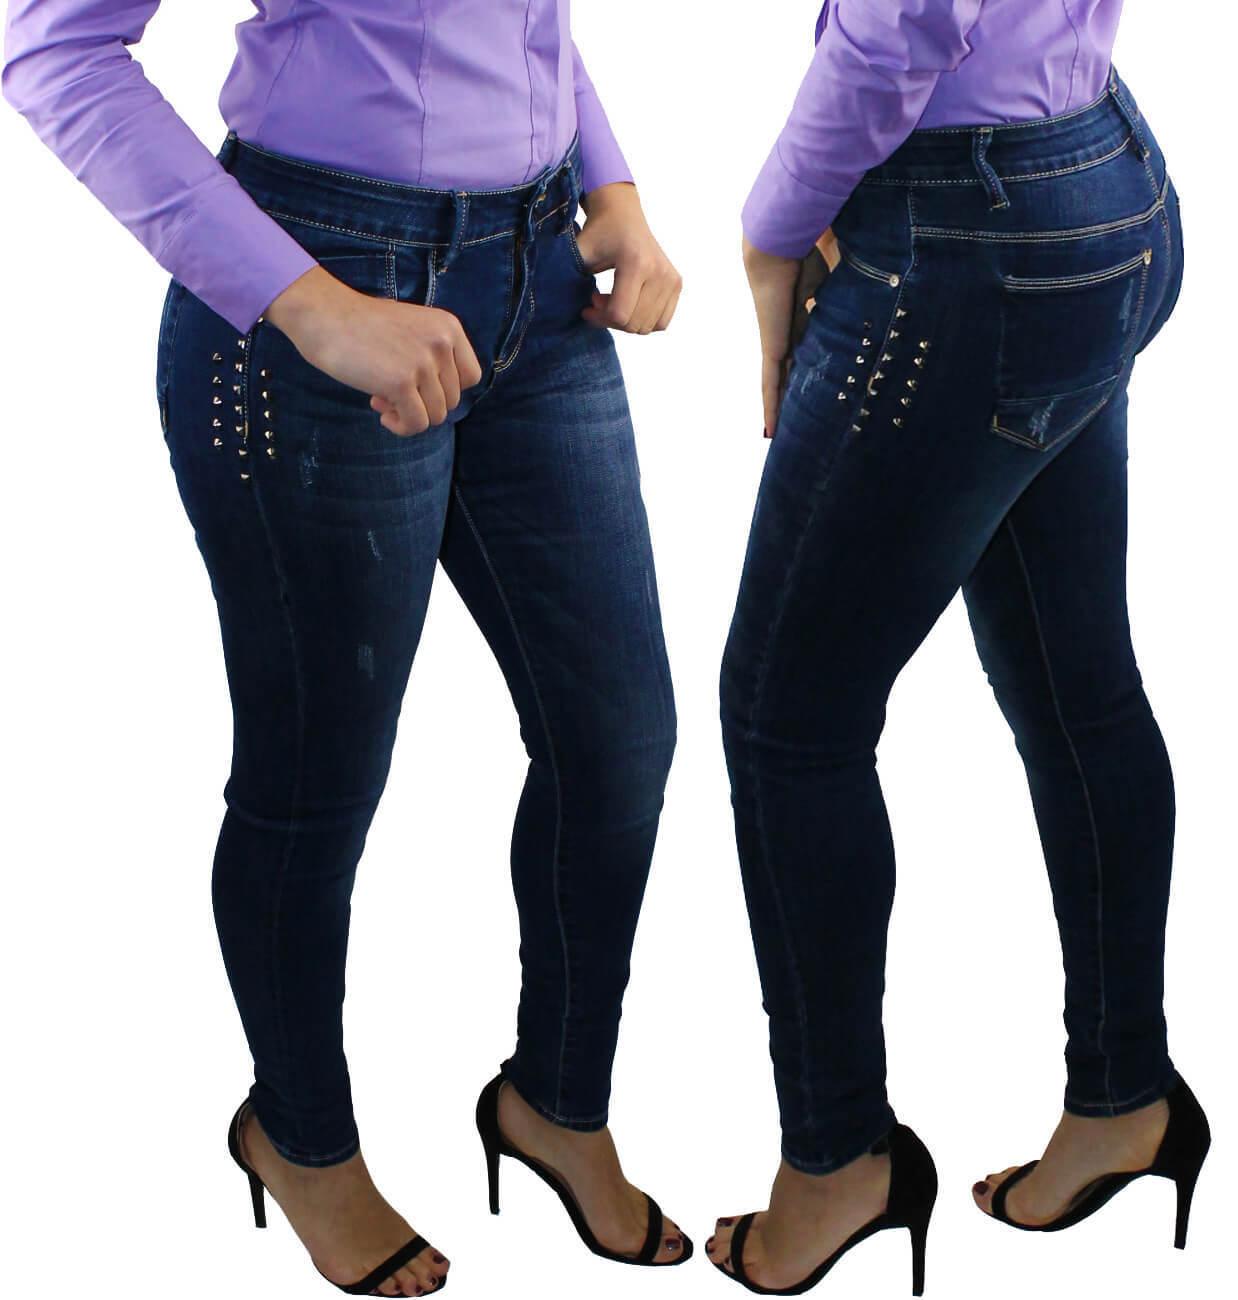 più recente d0f84 25809 Dettagli su Jeans ragazza pantaloni donna skinny elasticizzati 40 42 44 46  48 alla moda RDV